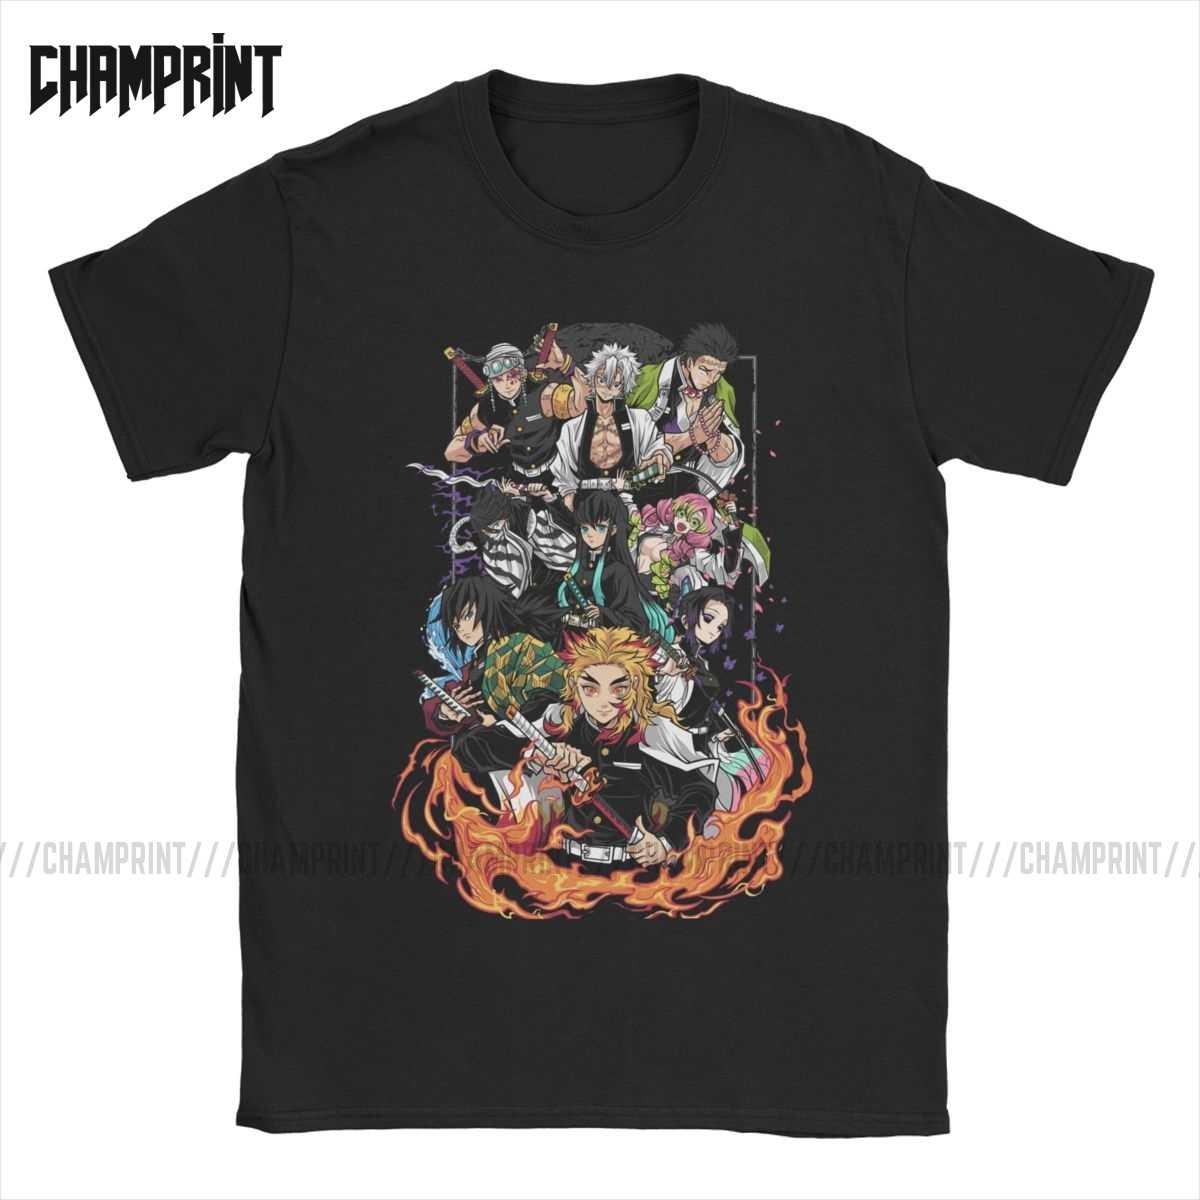 Mannen Hashira Demon Slayer T Shirts Tanjiro Kimetsu Geen Yaiba T-shirts Kamado Nezuko Tanjirou Agatsuma Katoen Korte Mouw Tees Nieuwe